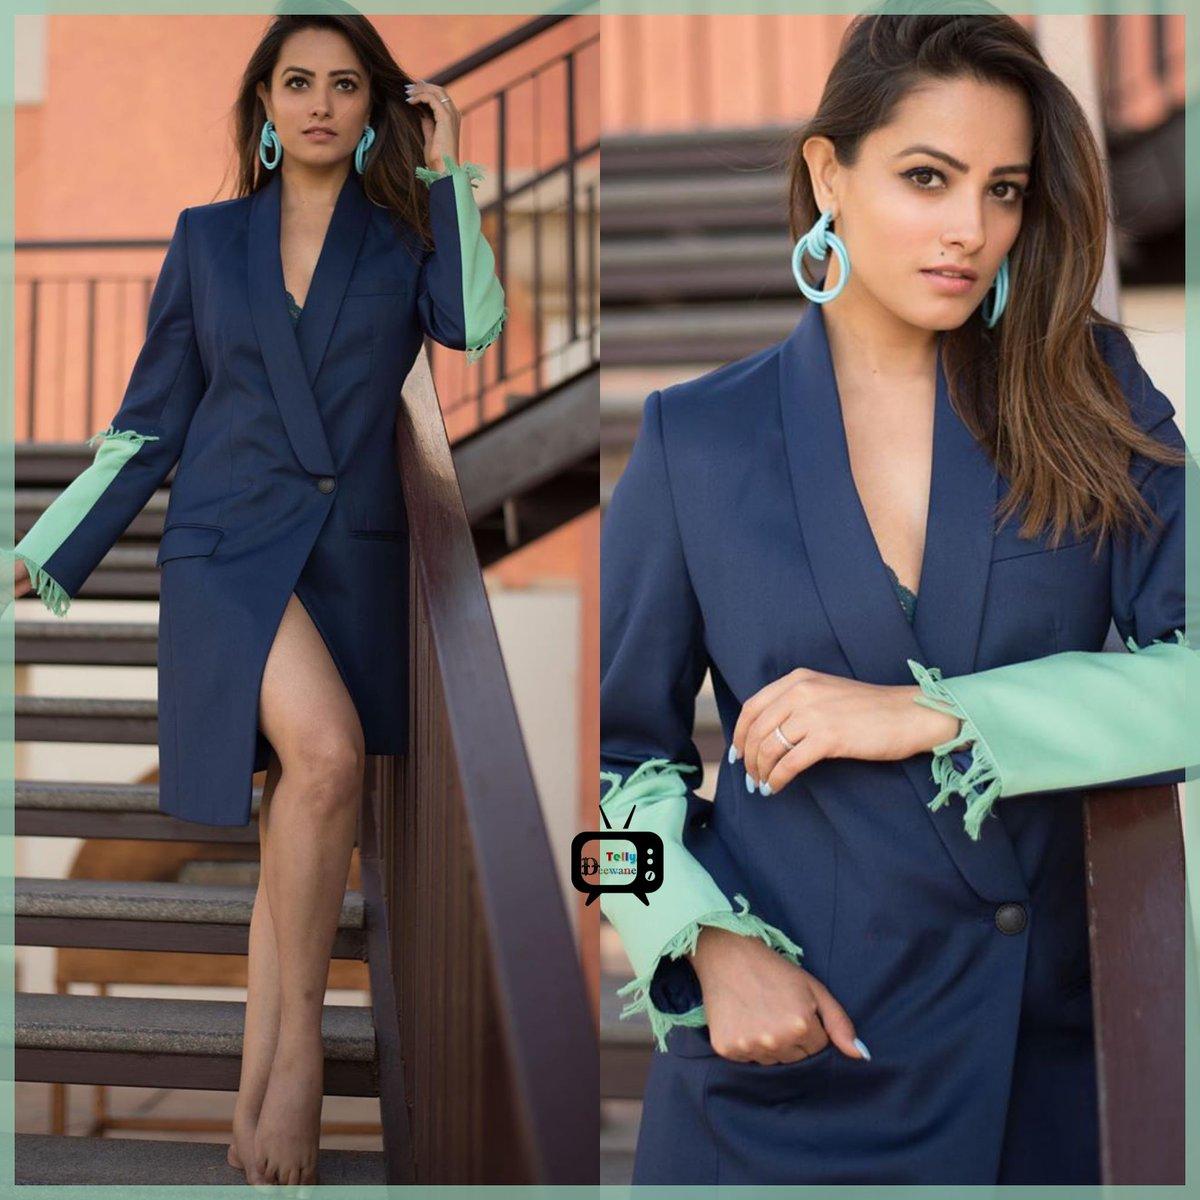 Gorgeous Anita Hassanandani #AnitaHassanandani #Naagin4  #ronita #nachbaliye9  #AnitaHassanandaniReddy #Vishaka #Vish  #Naagin3 #Shagun #YHM  @TellyDeewanepic.twitter.com/E4PrAqmxkR